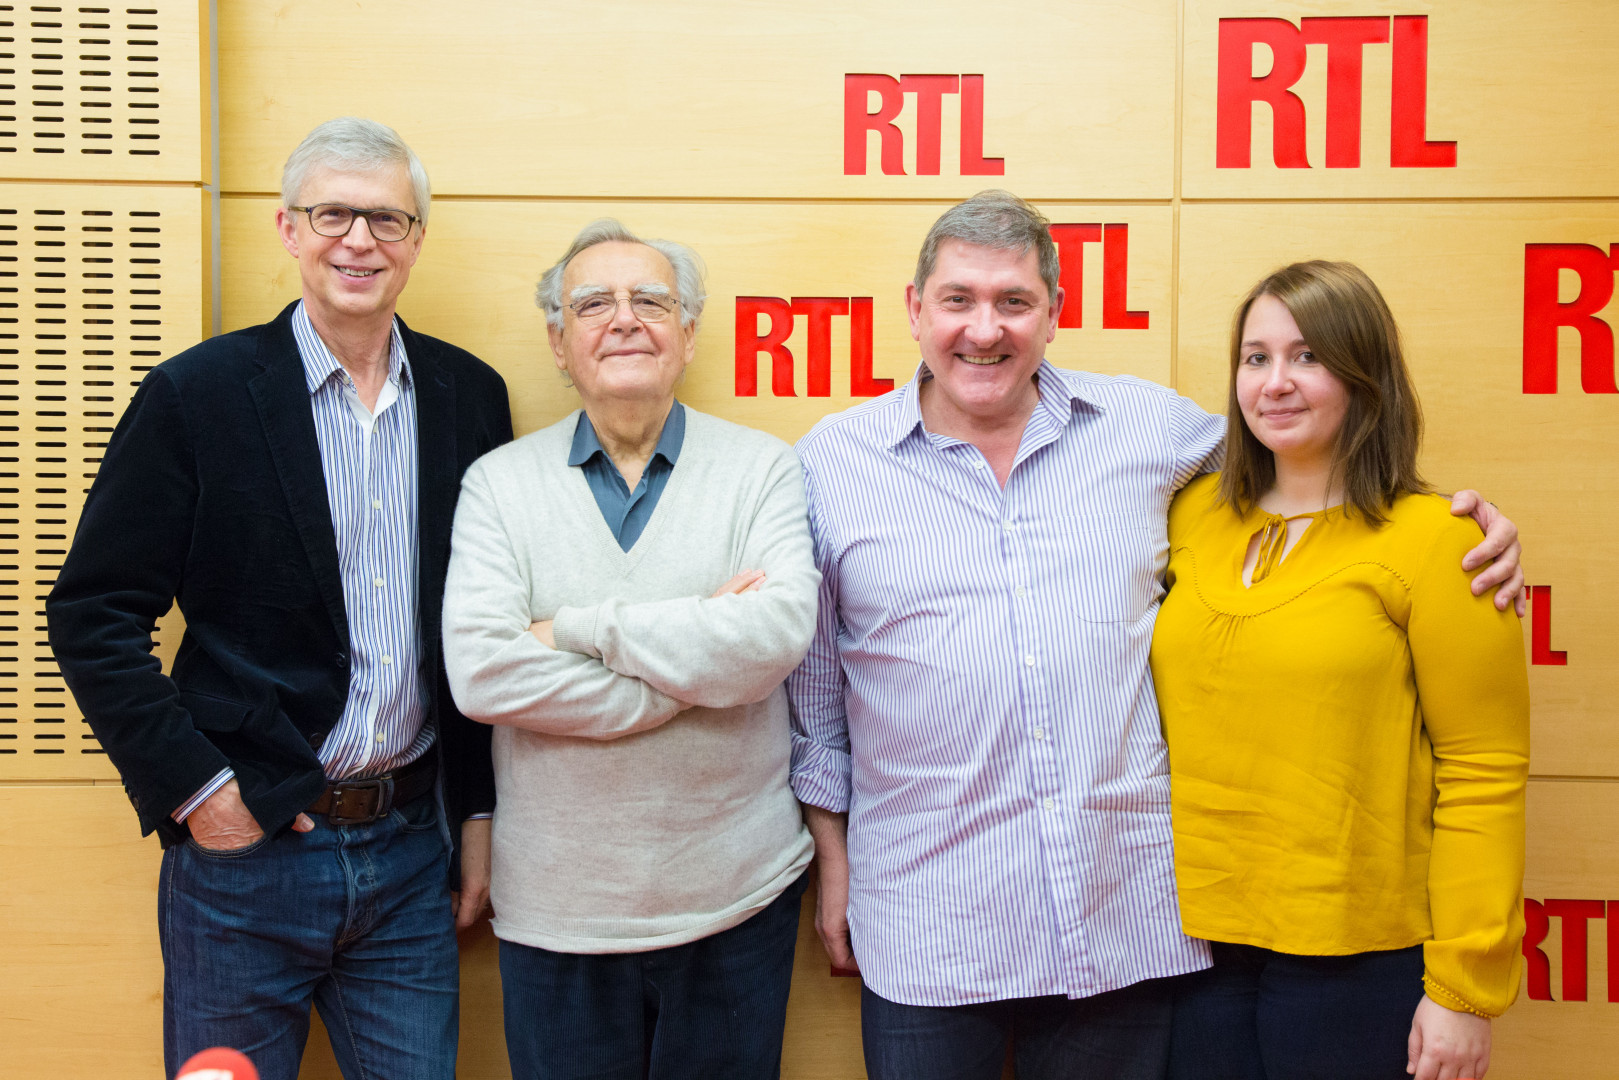 Bernard Lehut, Bernard Pivot, Yves Calvi et Charlotte Arrigoni